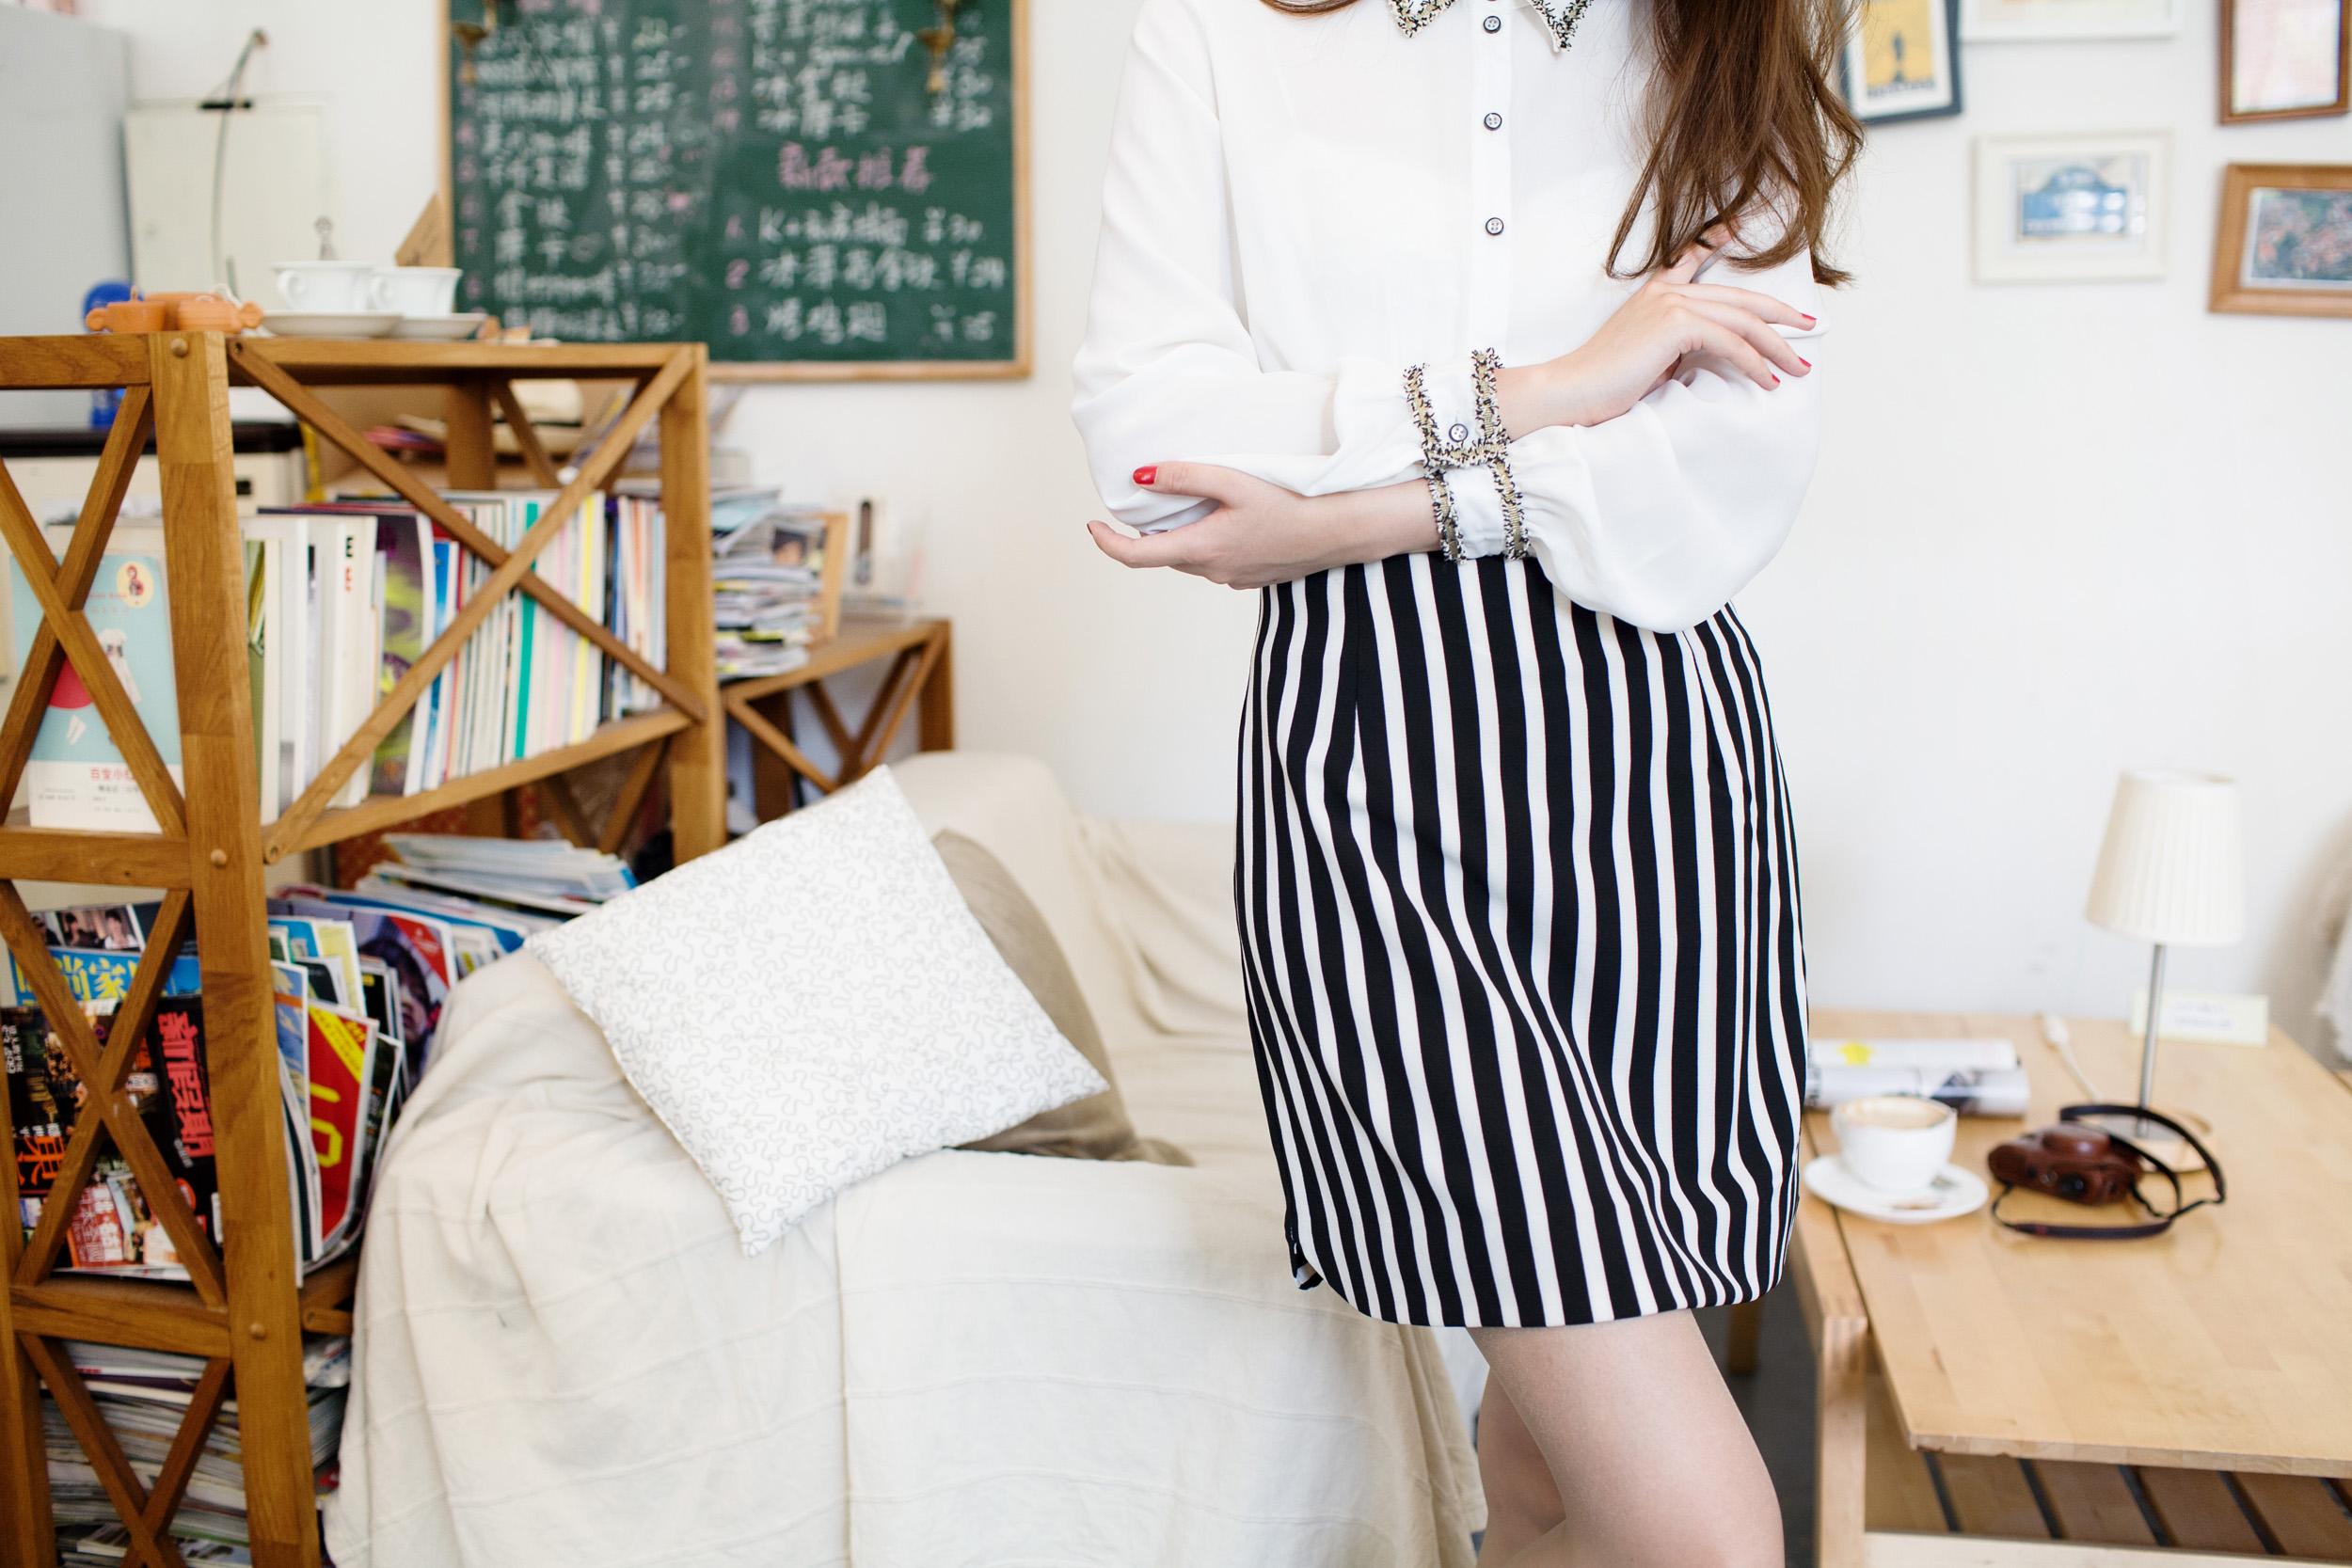 韩版半身裙 竖条纹裙子韩国包臀裙子 百搭裙子 227 黑白条纹 m